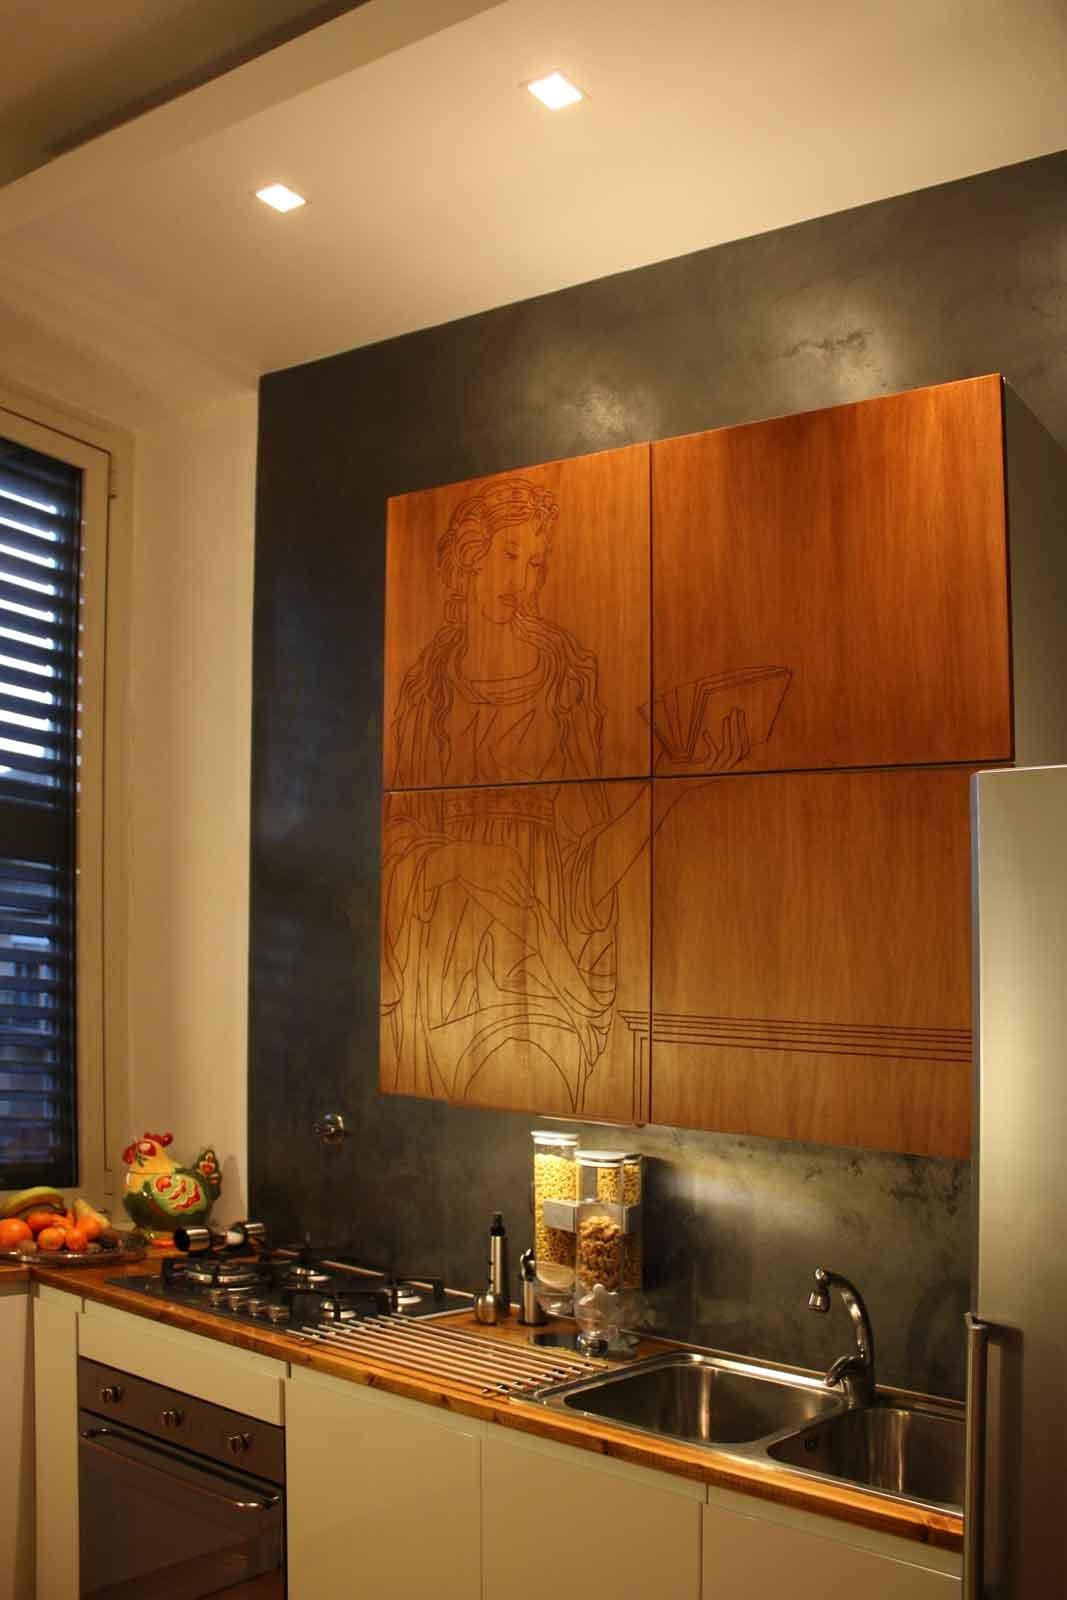 Rinnovare la cucina decorando le ante con incisione - Cose di Casa